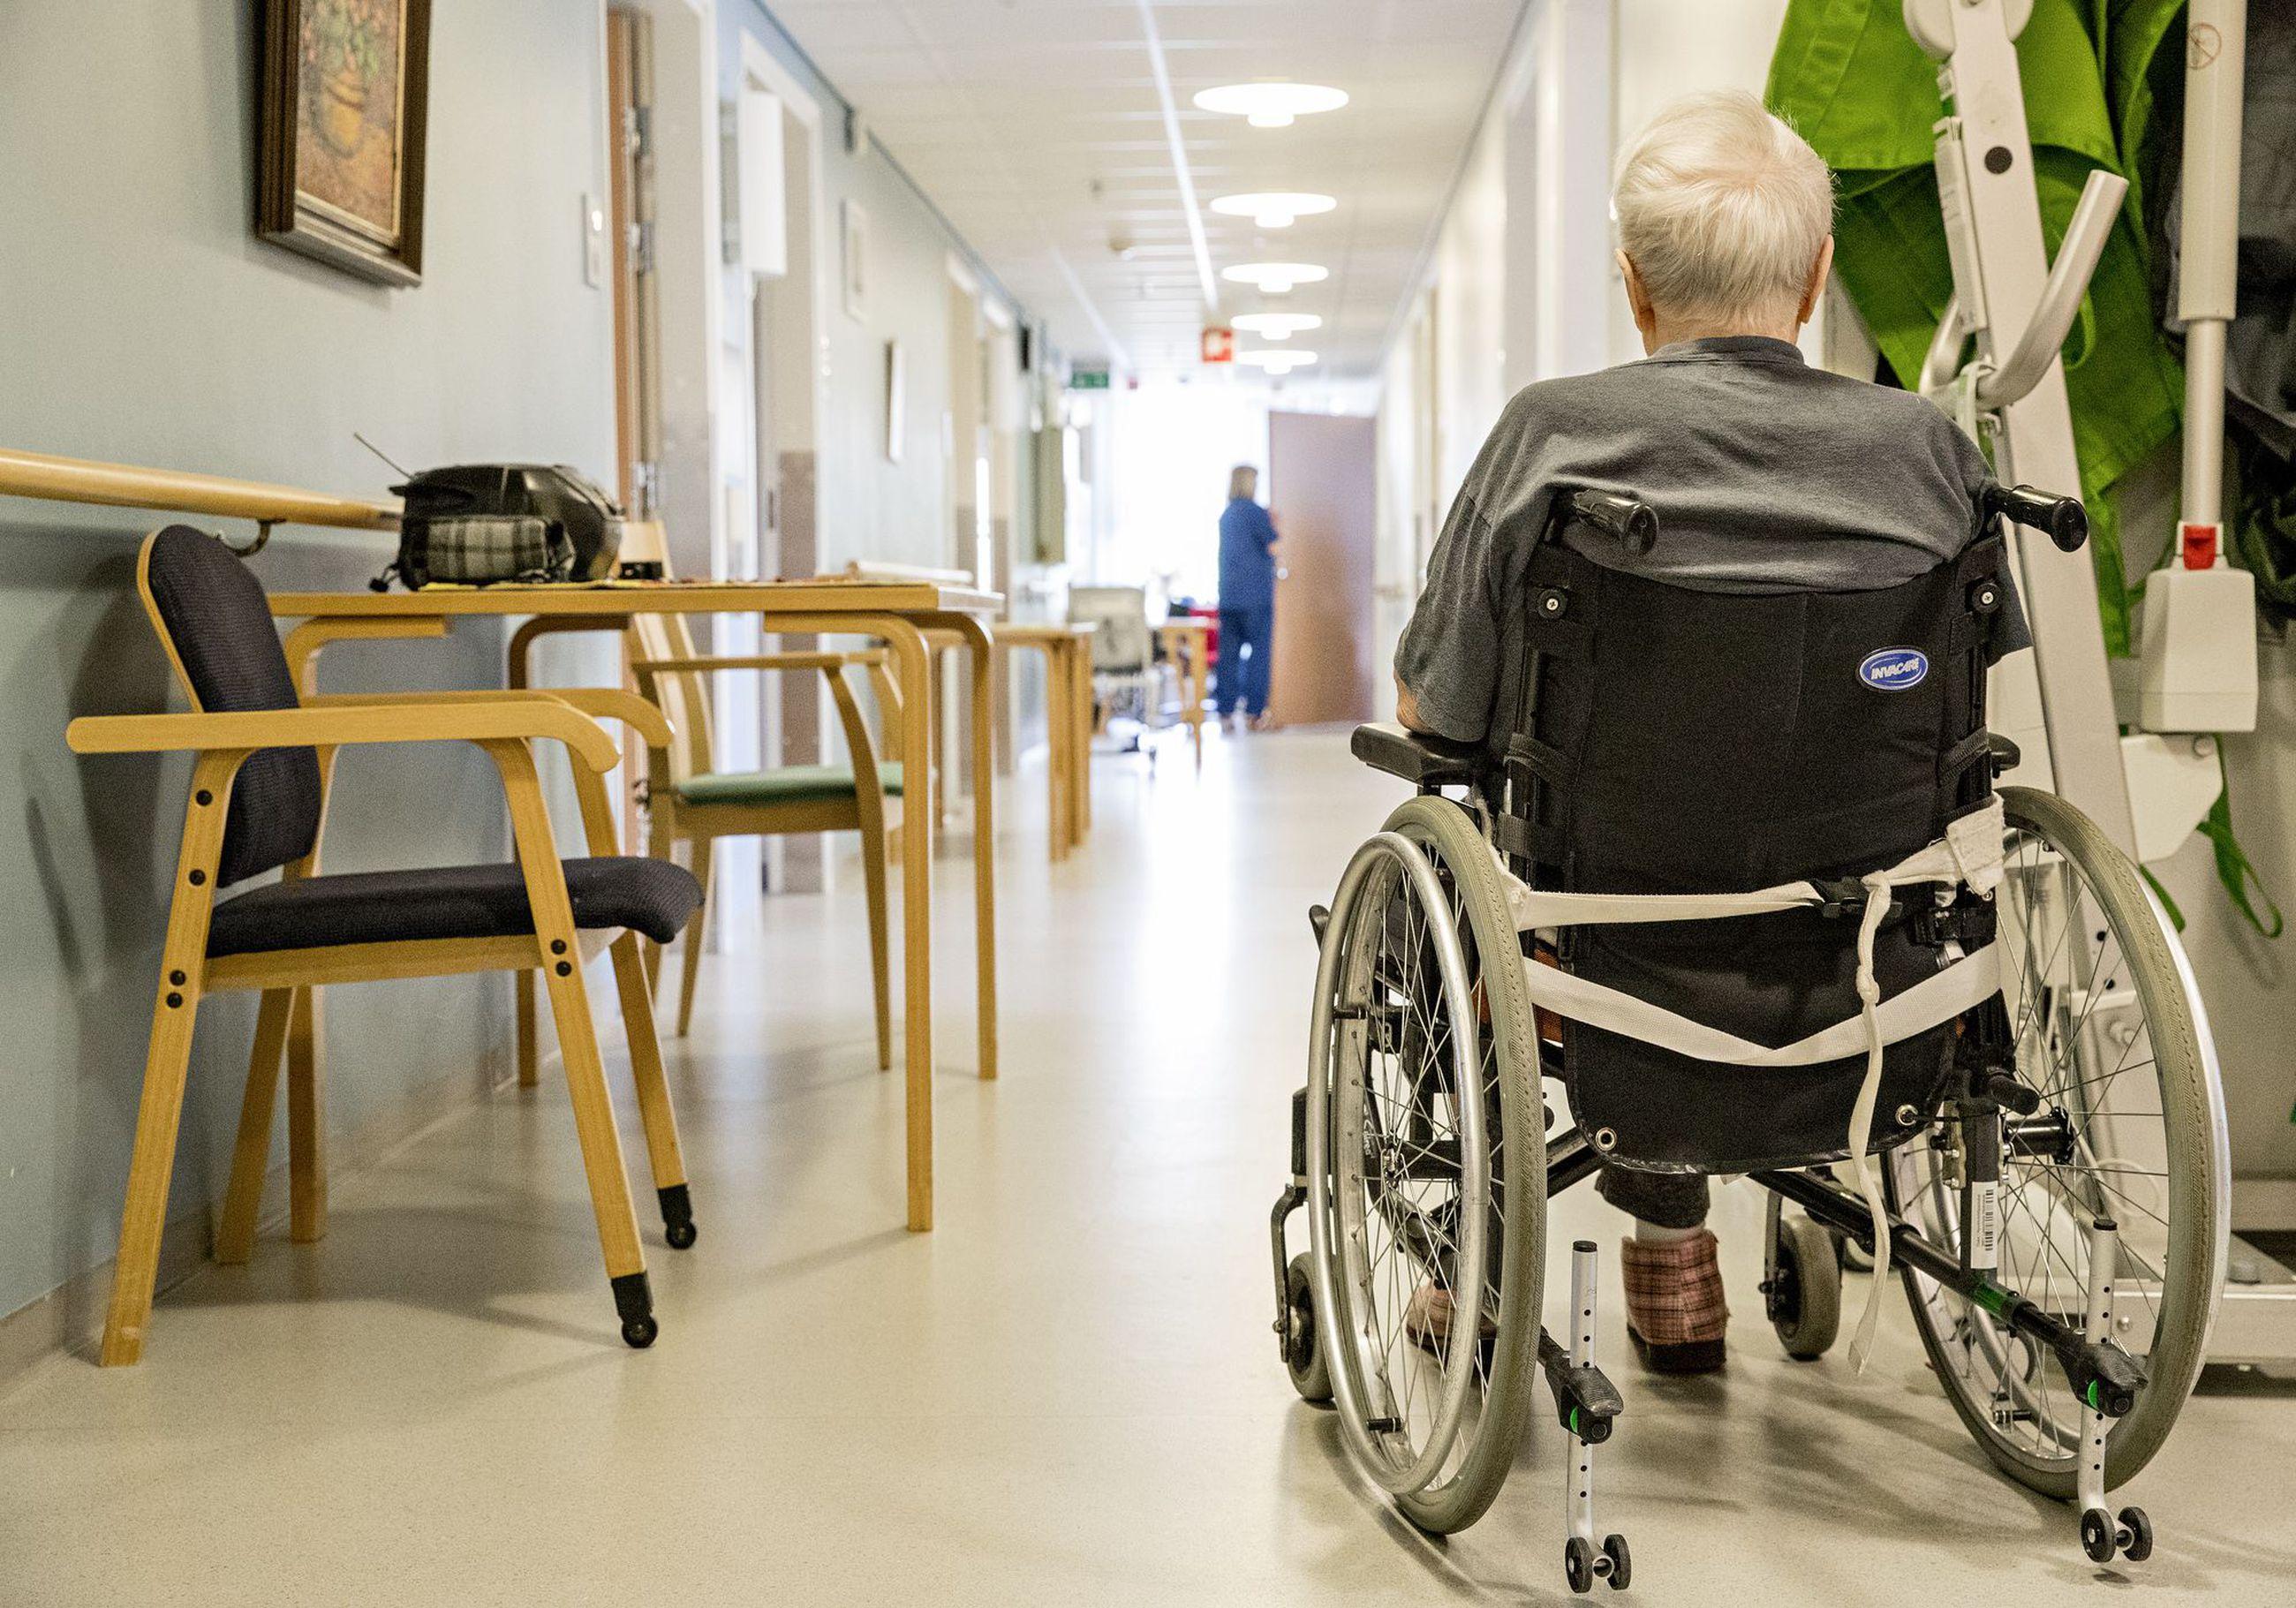 Oulun vanhuspalvelut ovat muita suuria kaupunkeja kattavammat. Palveluja saavien osuus vanhoista ikäluokista on korkea.